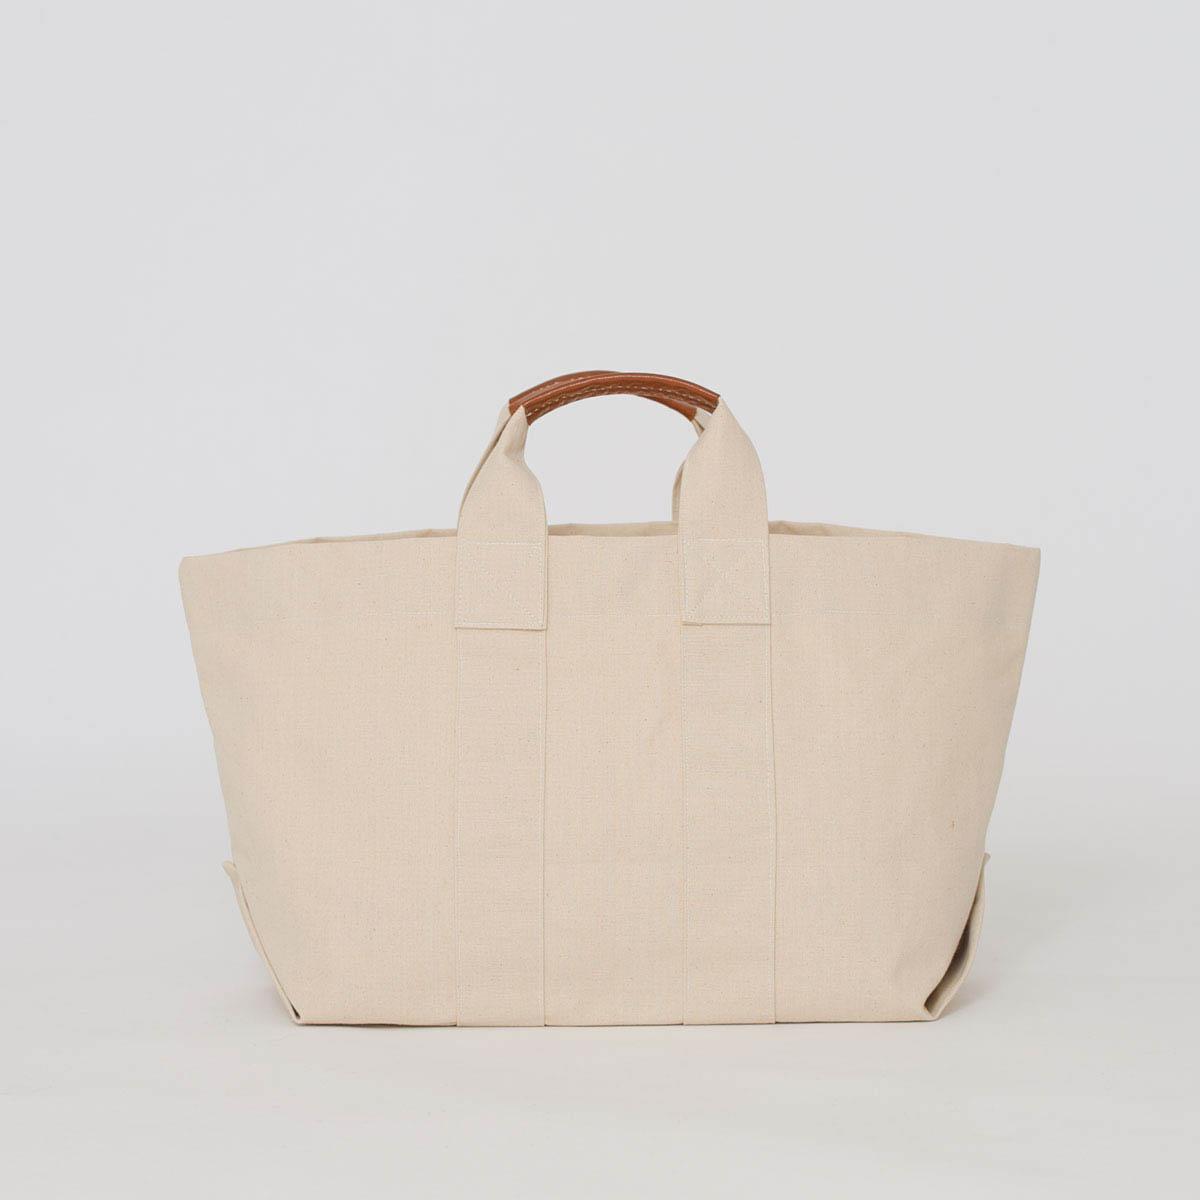 TOTE BAG (Tote bag/Tragetasche) #1